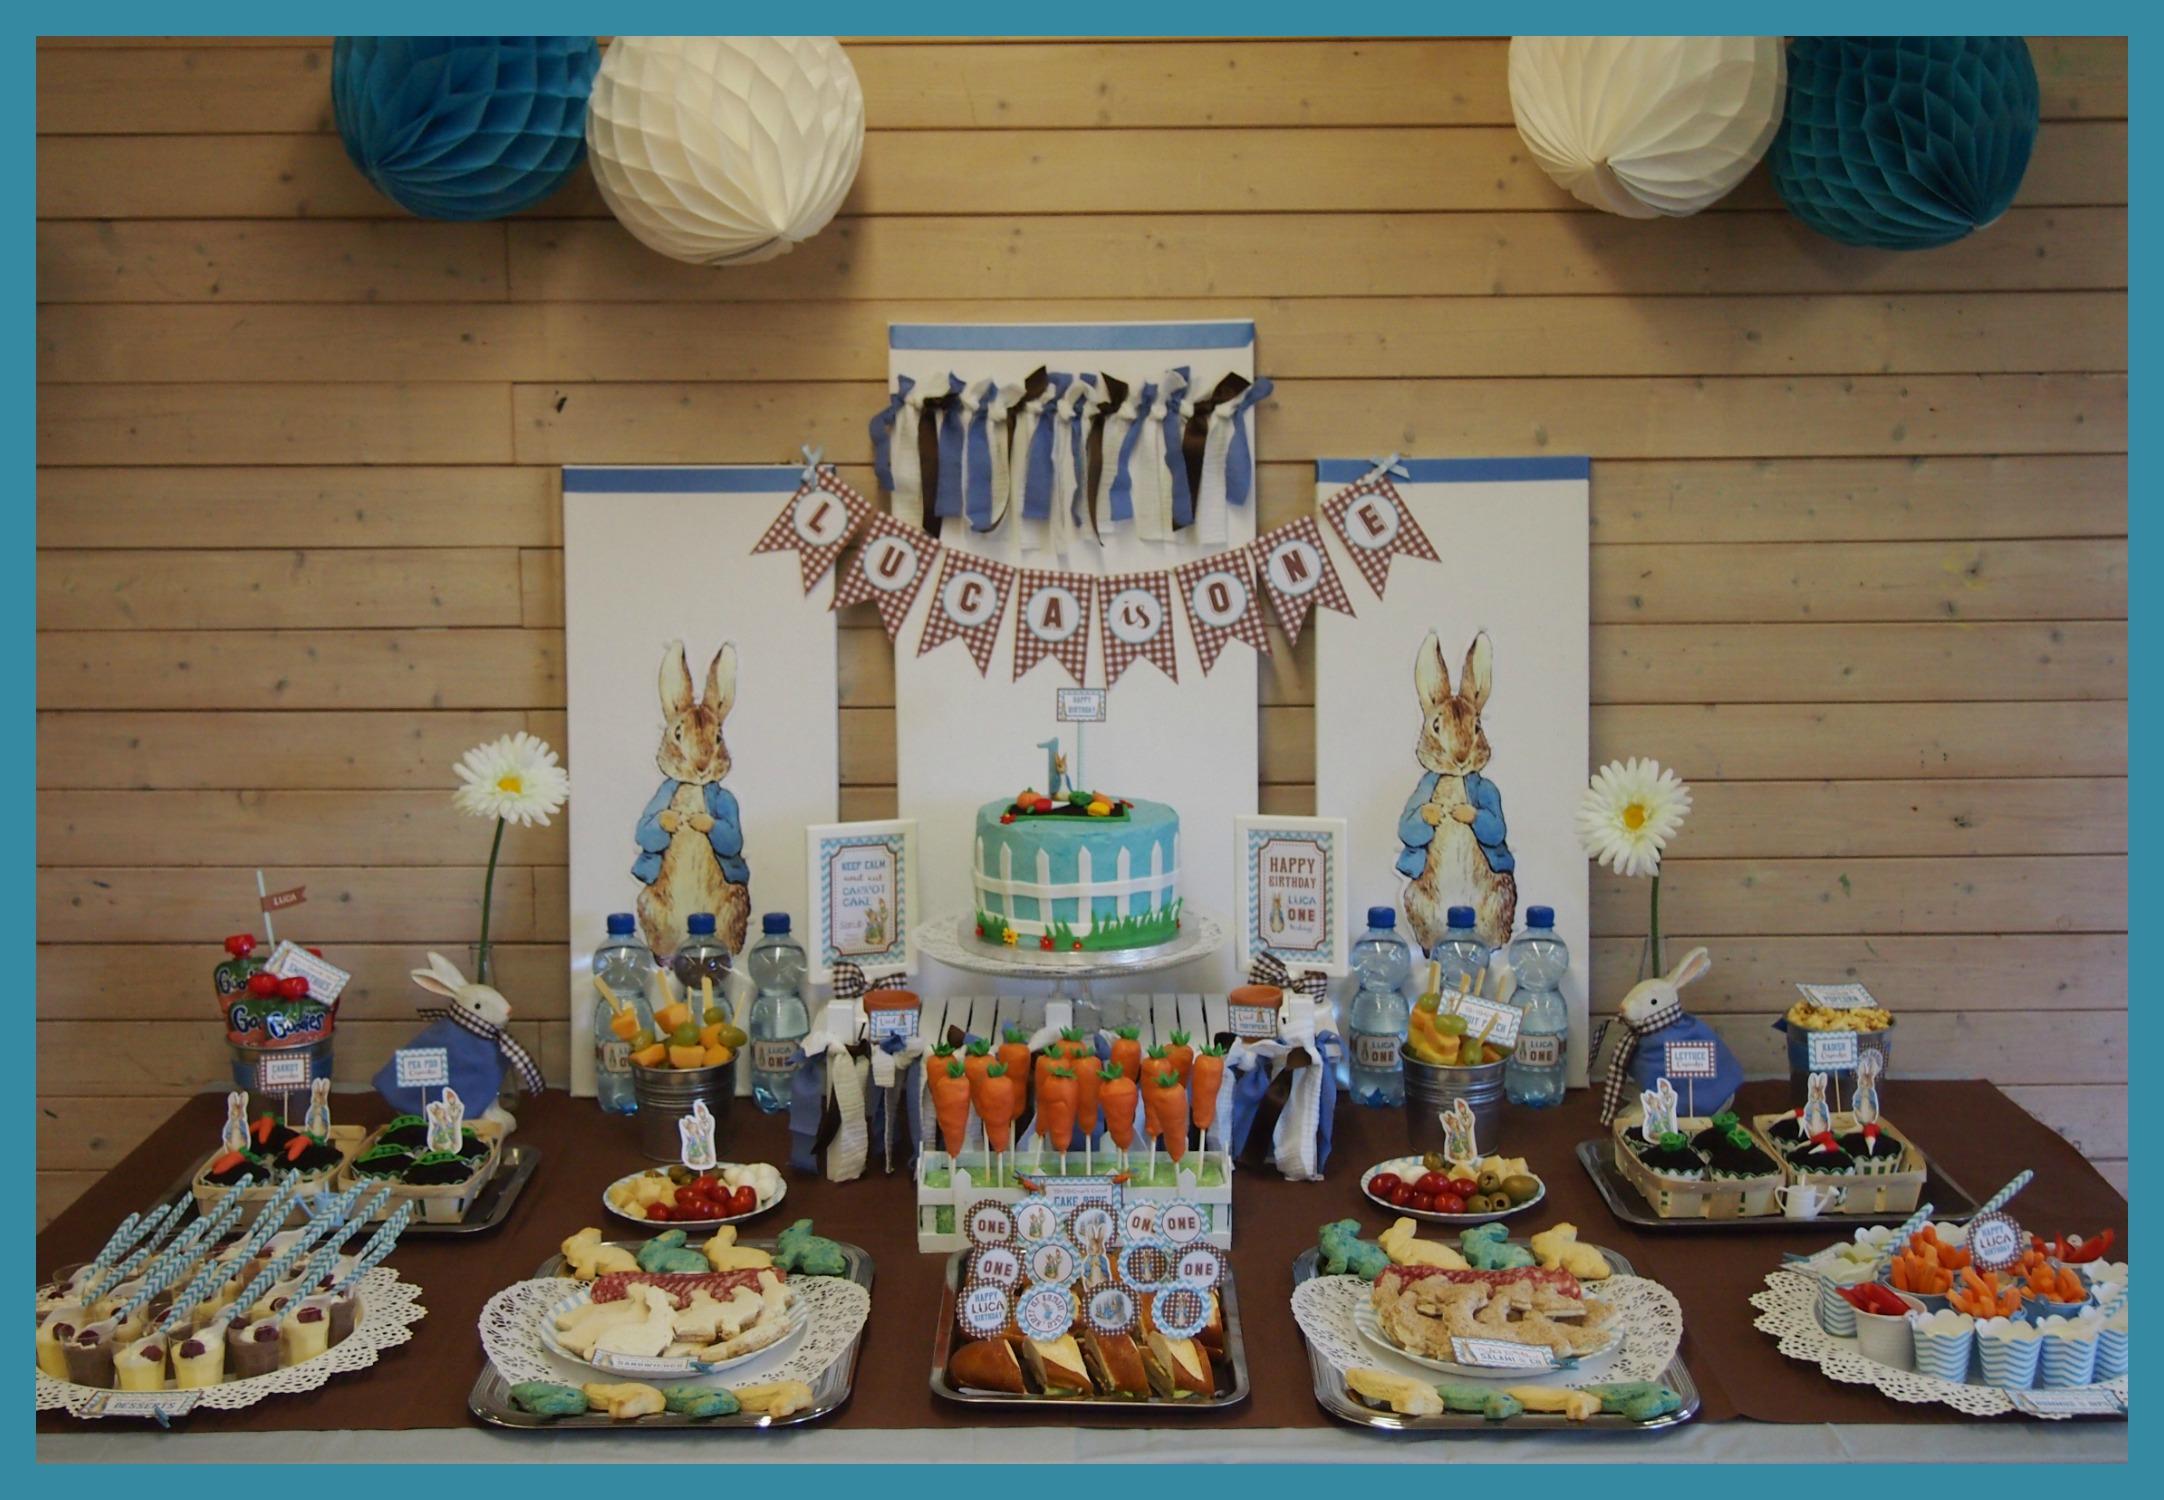 מסיבה מעוצבת בהשראת פיטר הארנב וחבריו